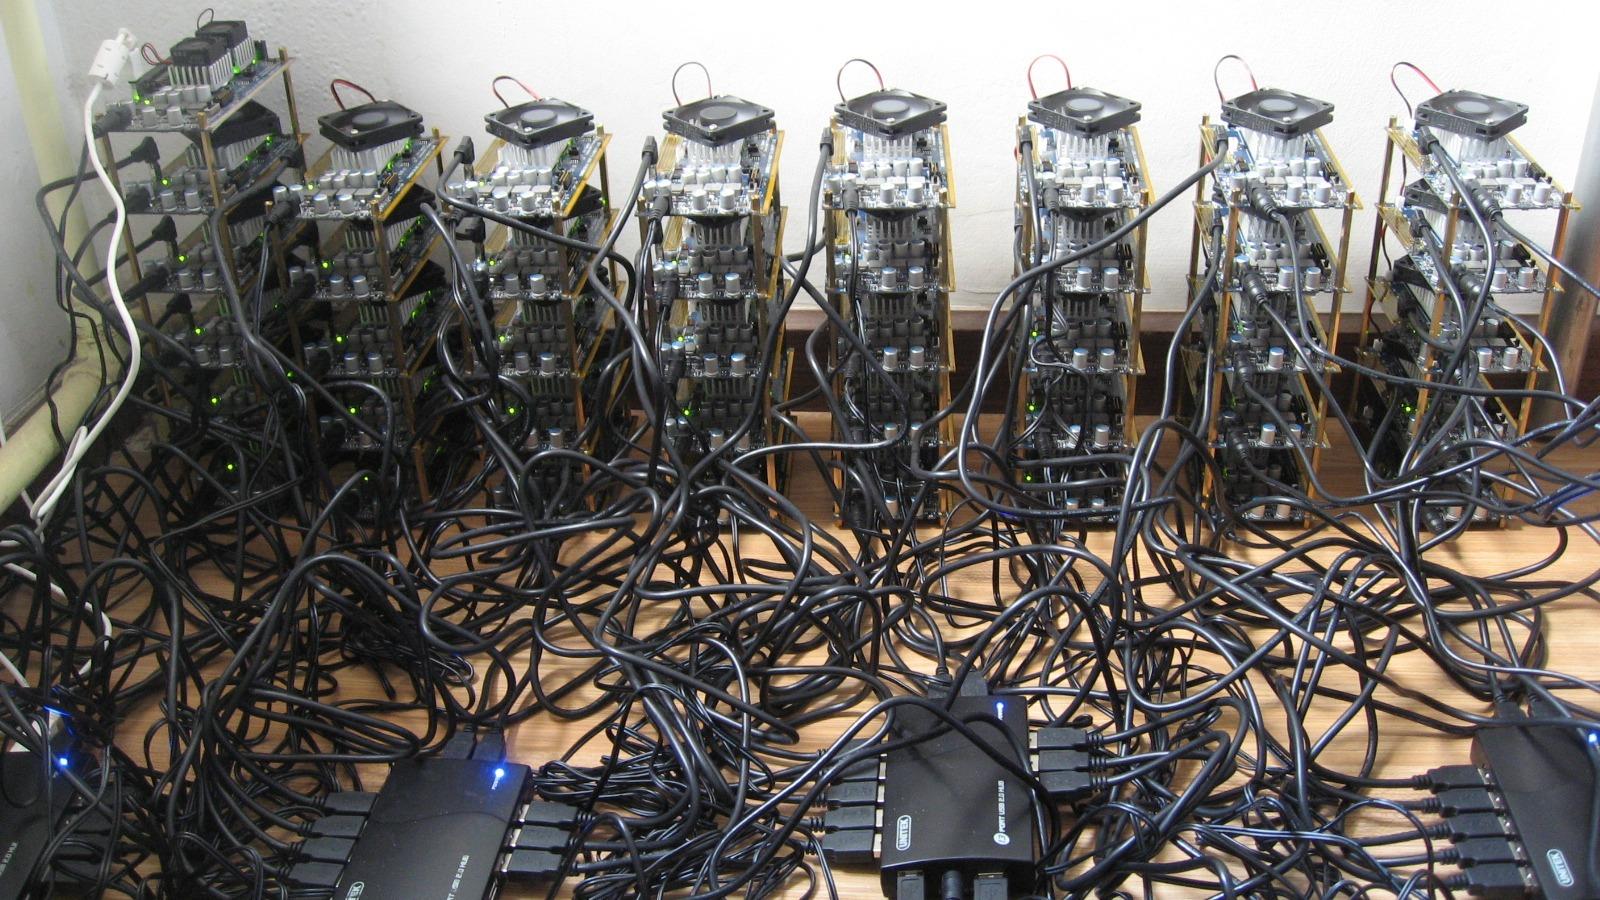 Perfuradoras digitais: as máquinas monstruosas que mineram Bitcoins